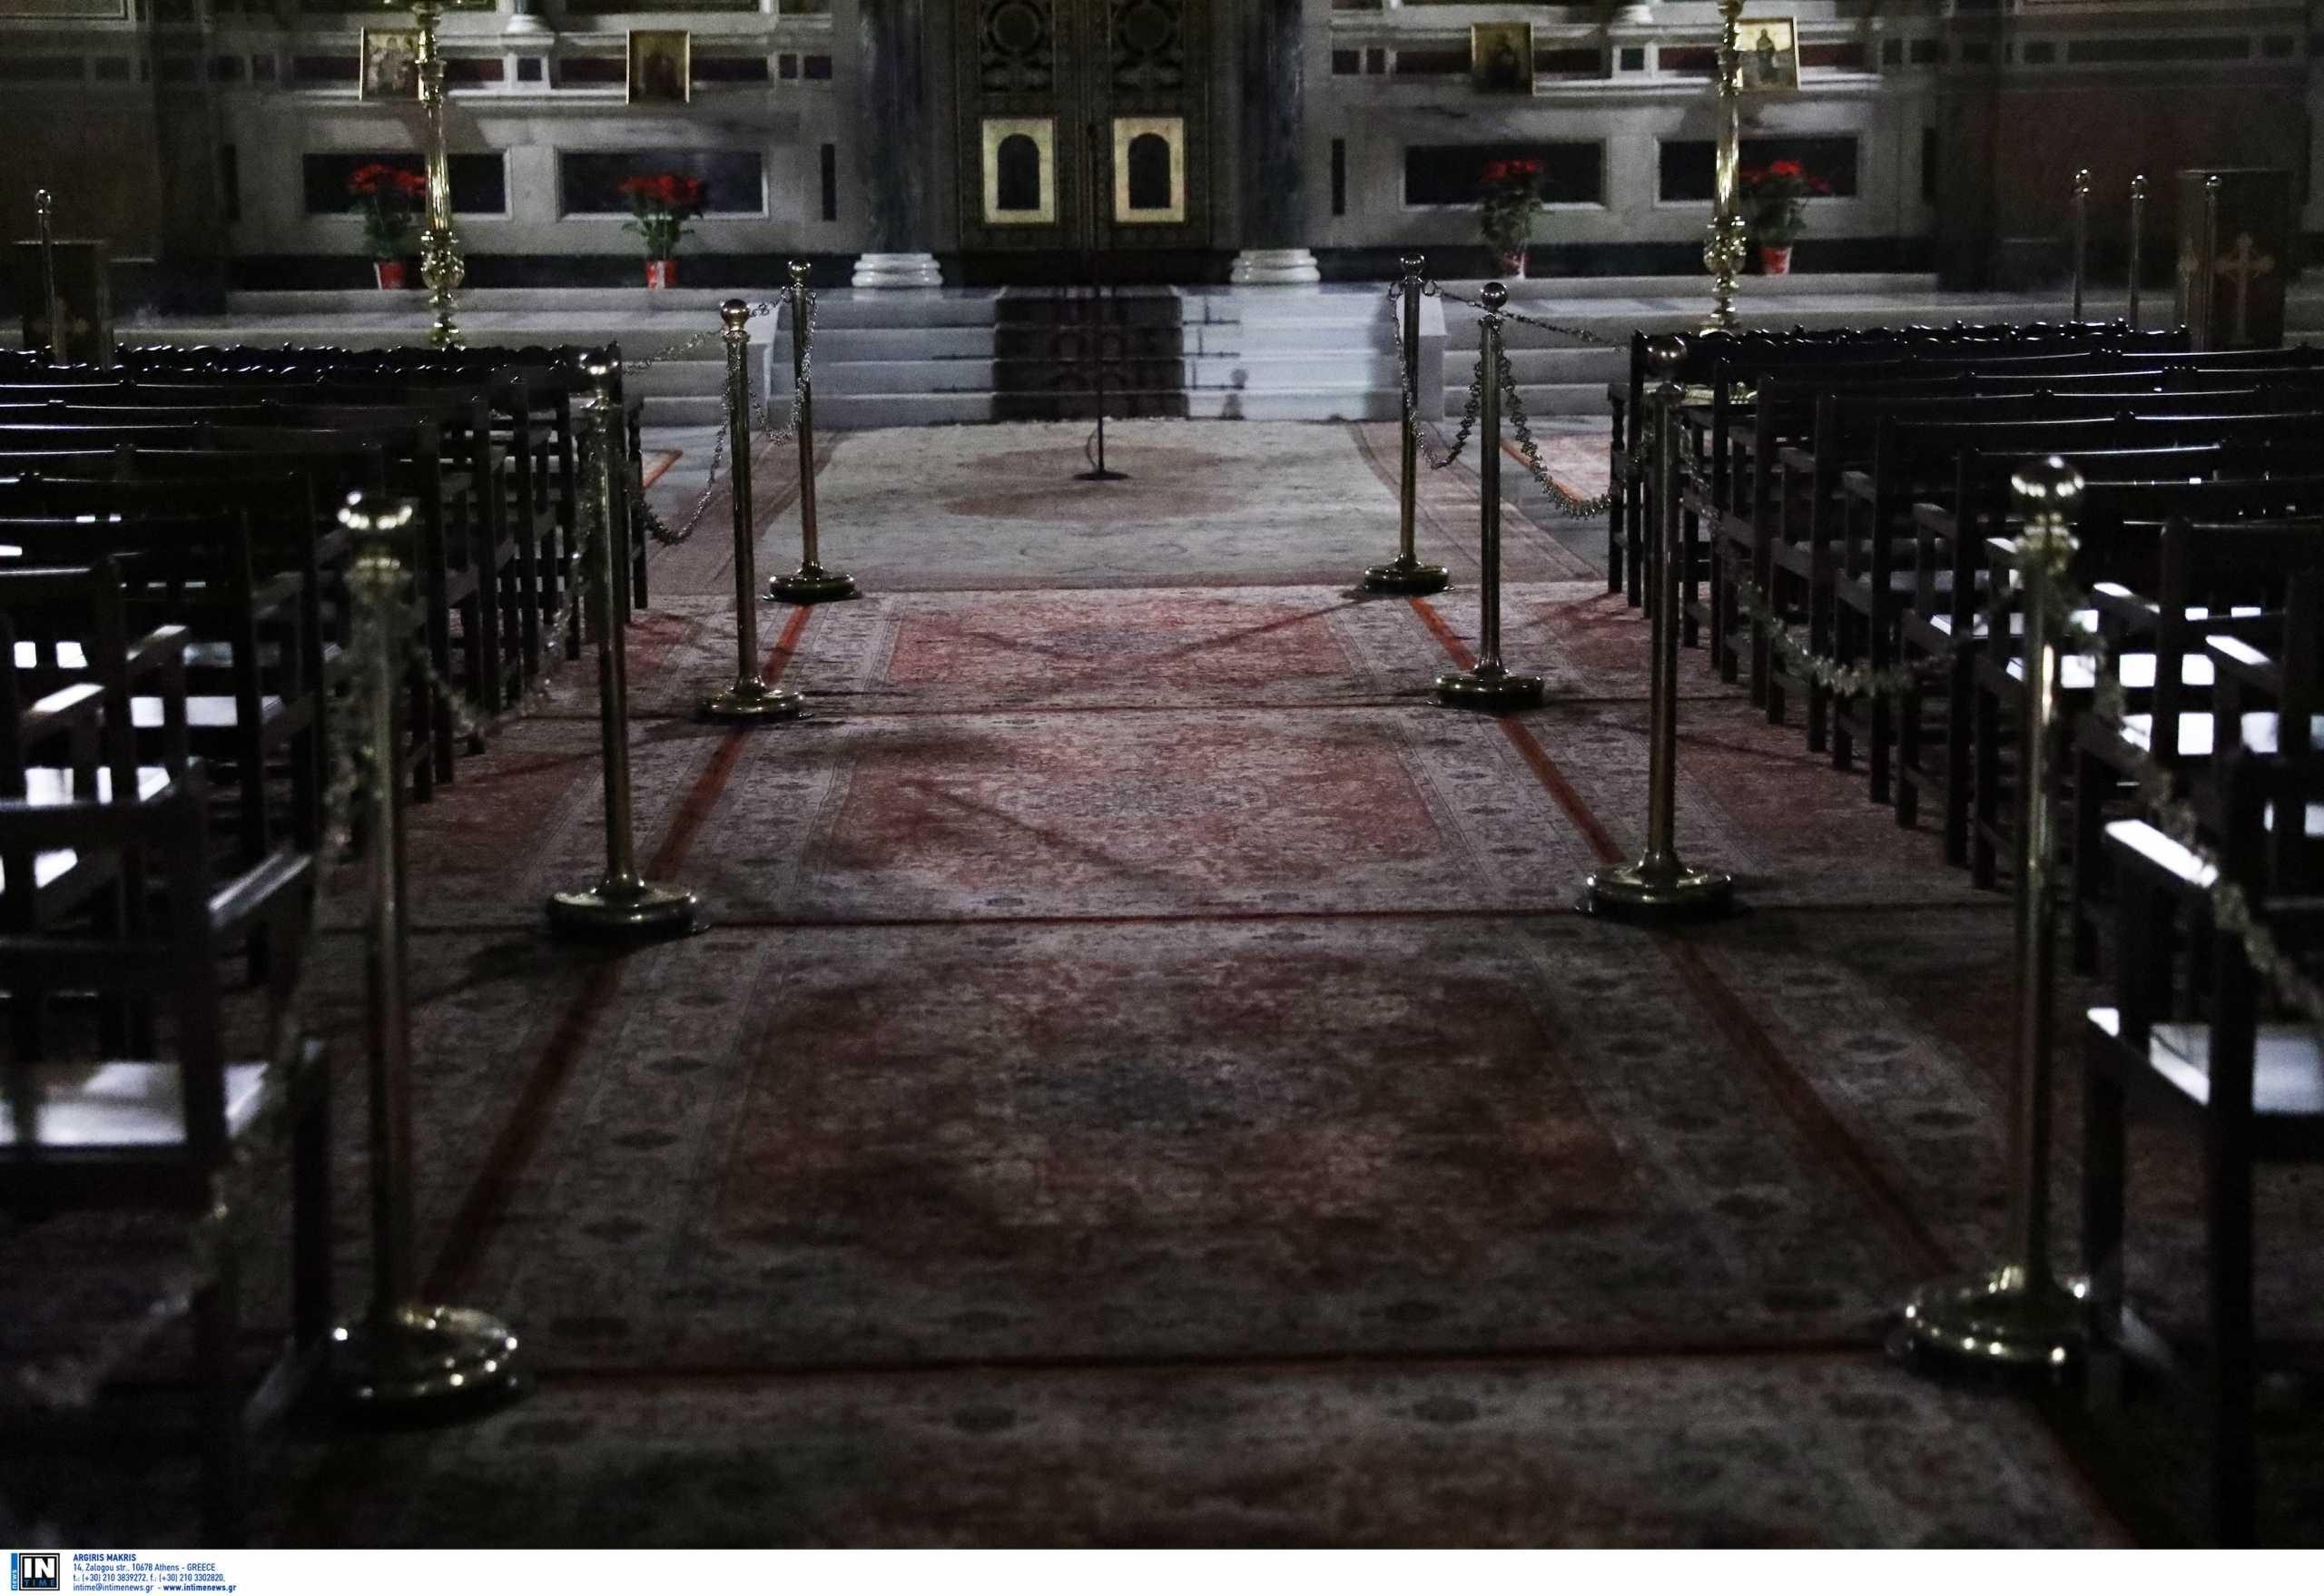 Έφτασαν και τα… διαφορετικά Θεοφάνεια: Χωρίς ρίψη σταυρού και με αυστηρο περιορισμό οι εκκλησίες